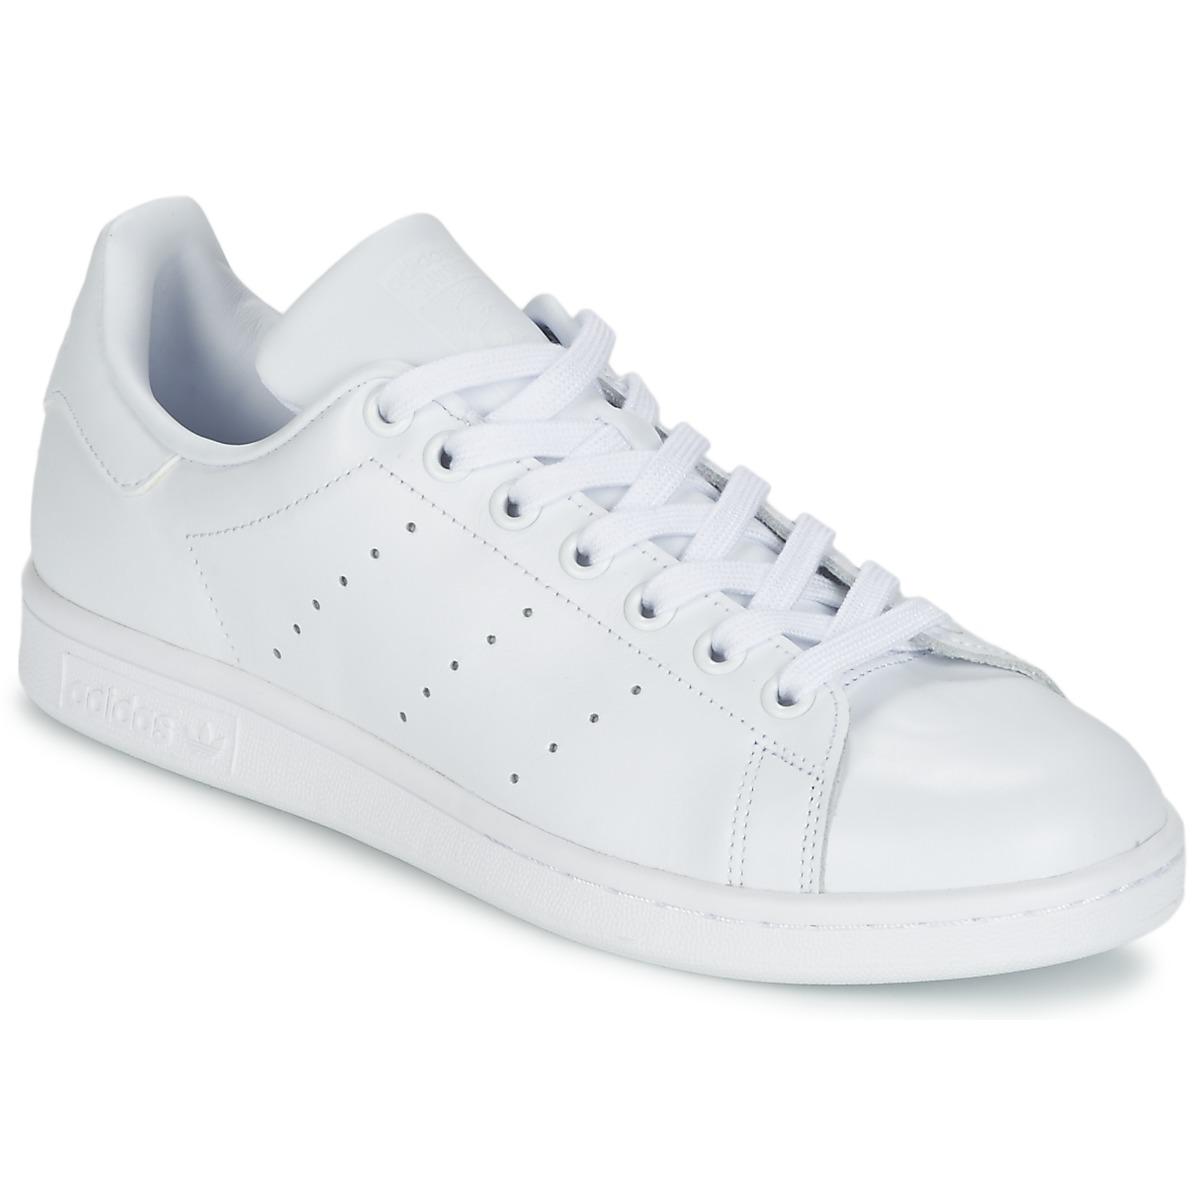 adidas Originals STAN SMITH Weiss - Kostenloser Versand bei Spartoode ! - Schuhe Sneaker Low  76,00 €